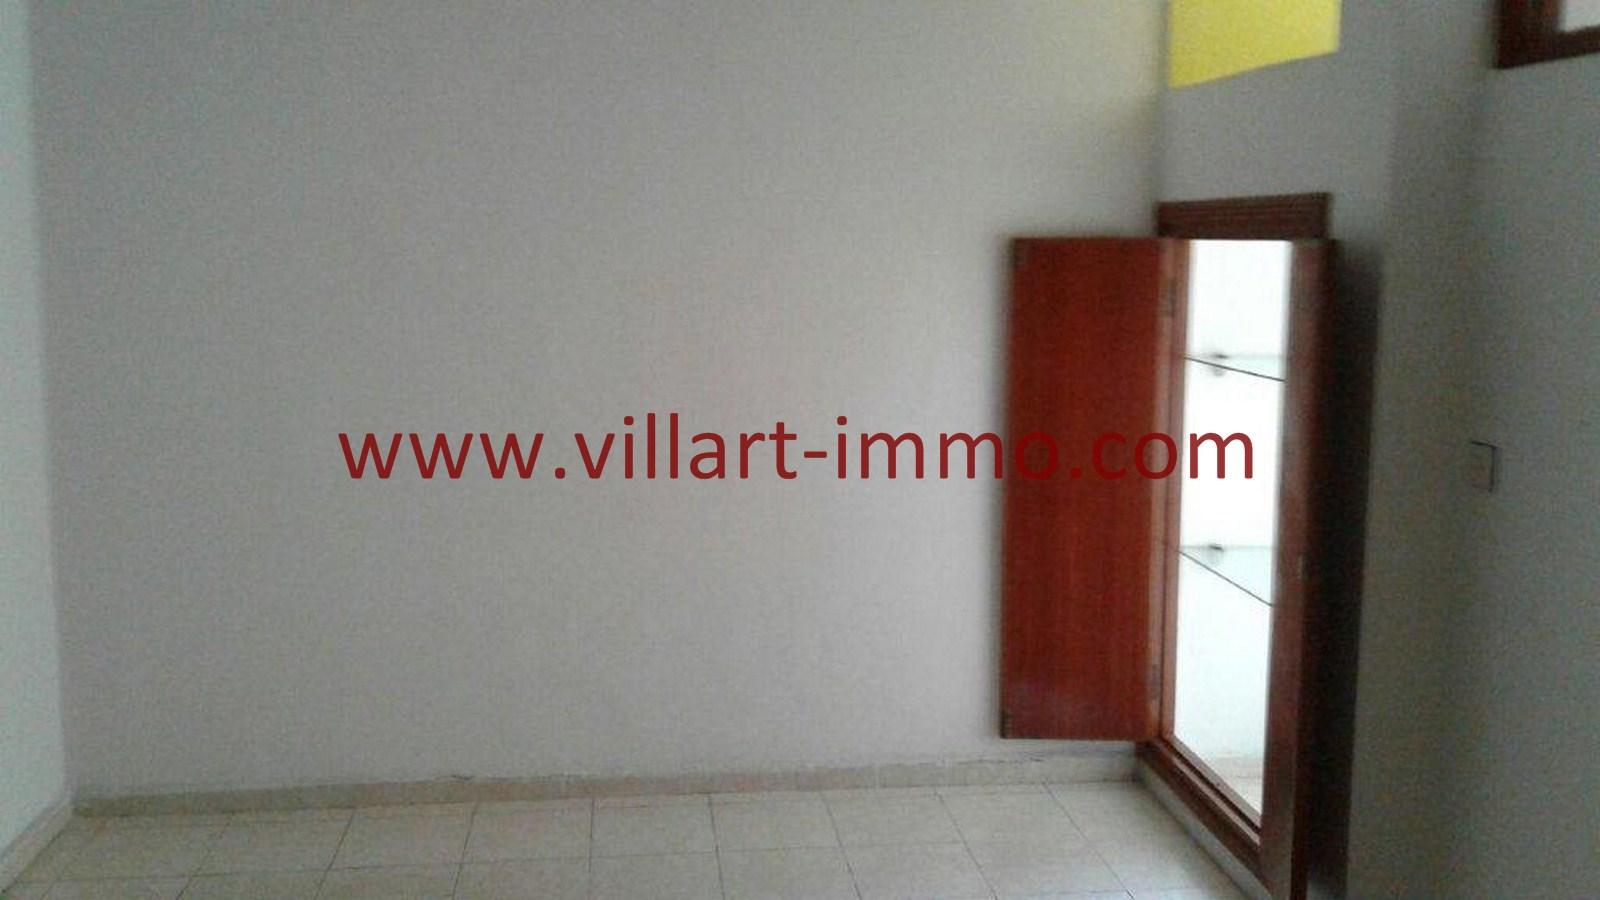 2-Vente-Bureau-Tanger-Centre-Ville-Espace 2-VLC515-Villart Immo